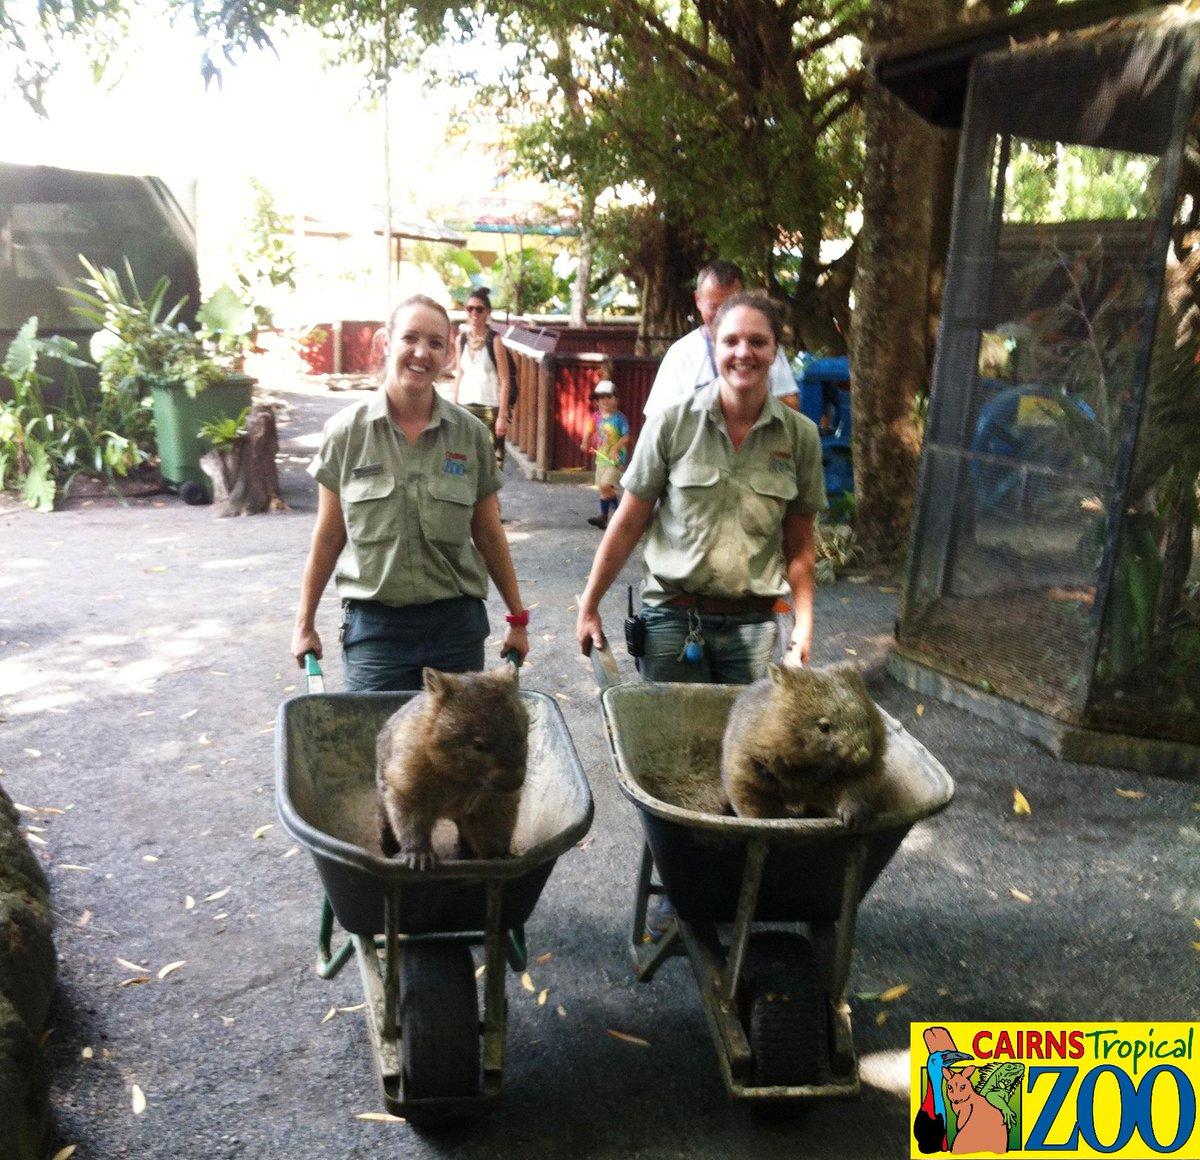 最近大人気なので運転手付きのハイヤーでご出勤!? さあ、現場行くよー♪ #オーストラリア #ケアンズ #ウォンバット #動物園 #トロピカルズー #Cairns #Australia #Zoo #exploreTNQ #wombat http://t.co/LzKhUN9aKP